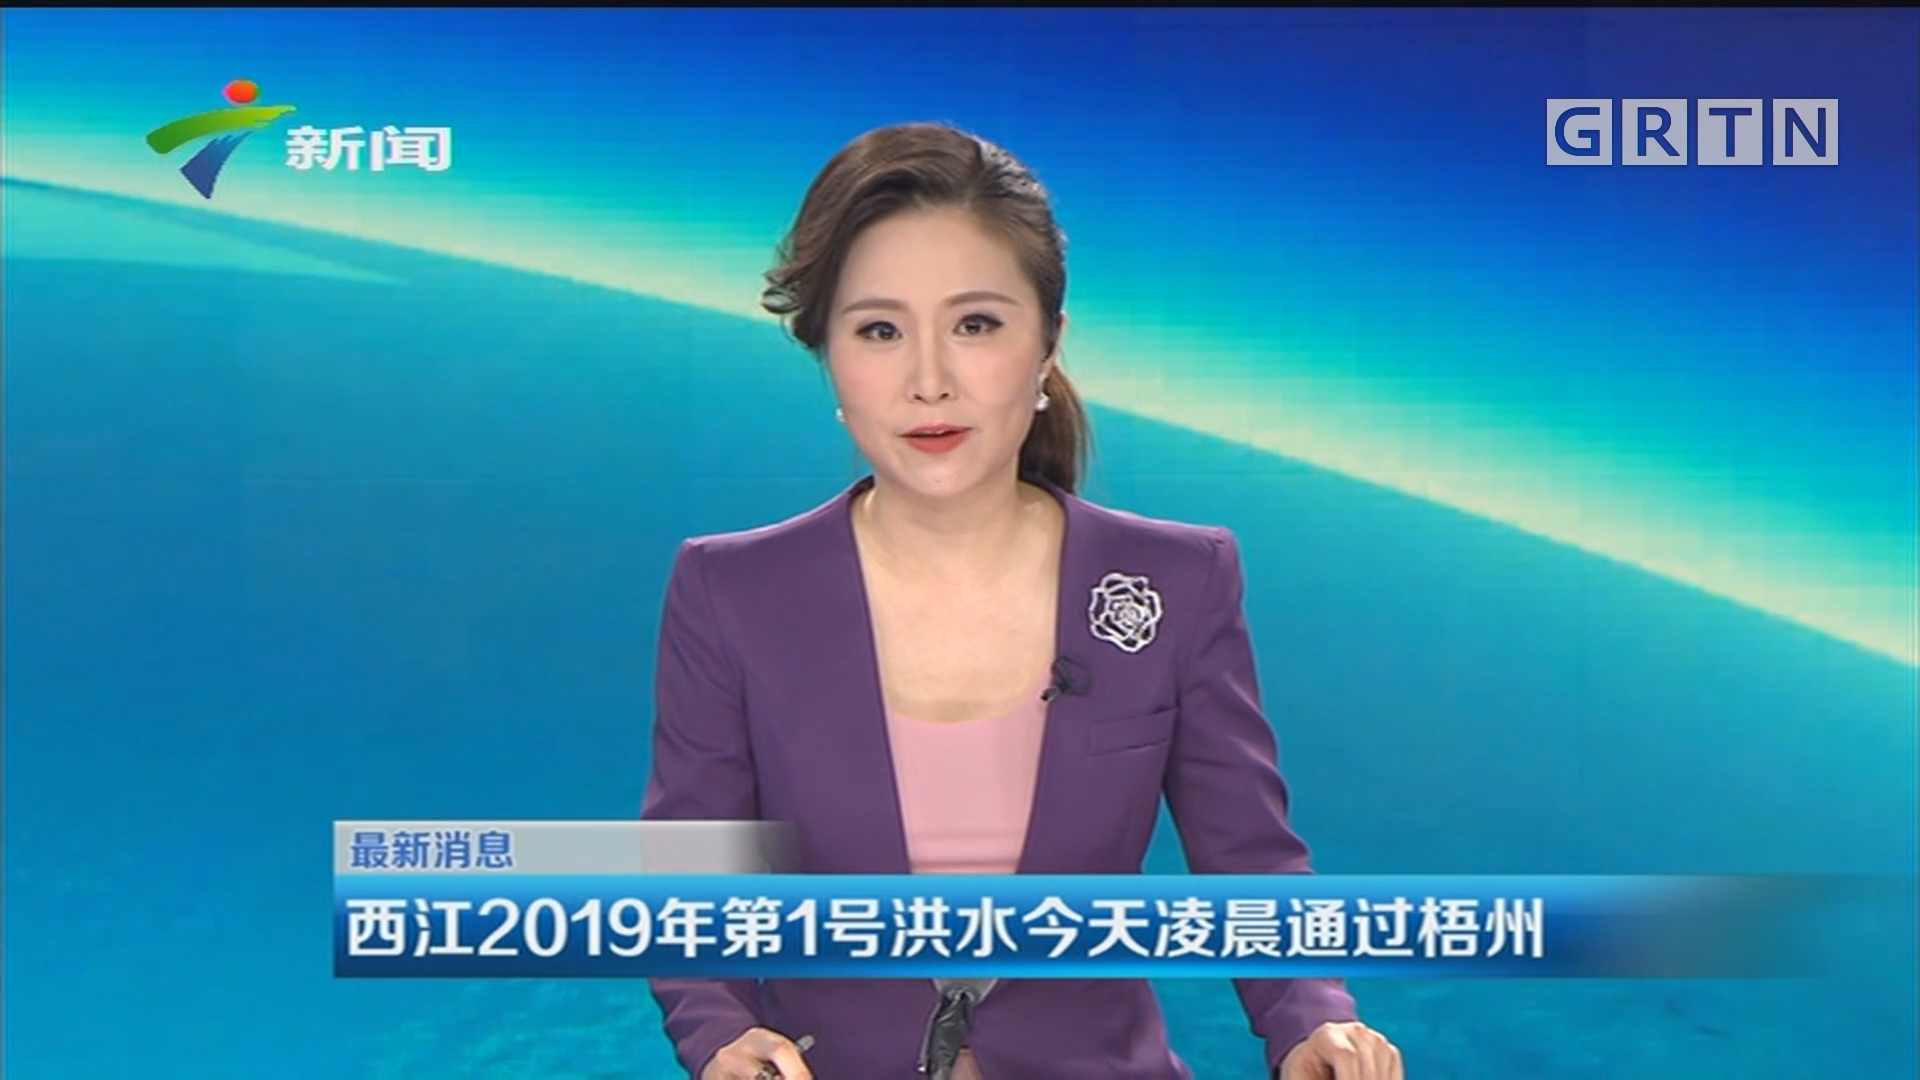 最新消息:西江2019年第1号洪水今天凌晨通过梧州